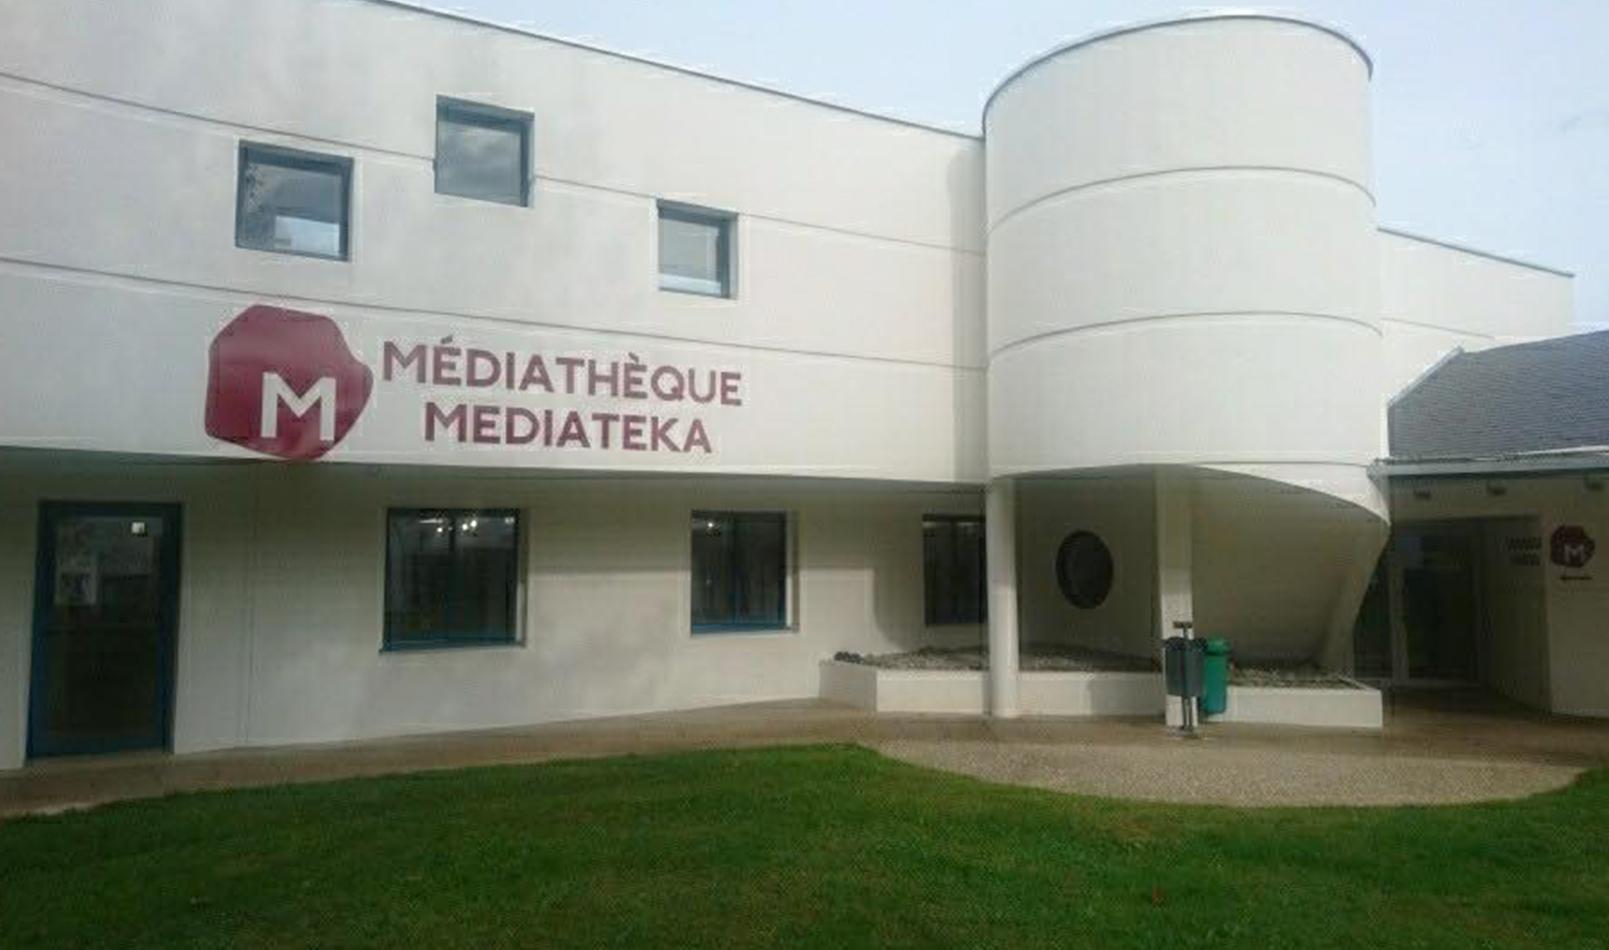 Médiathèque municipale Mauléon-Licharre